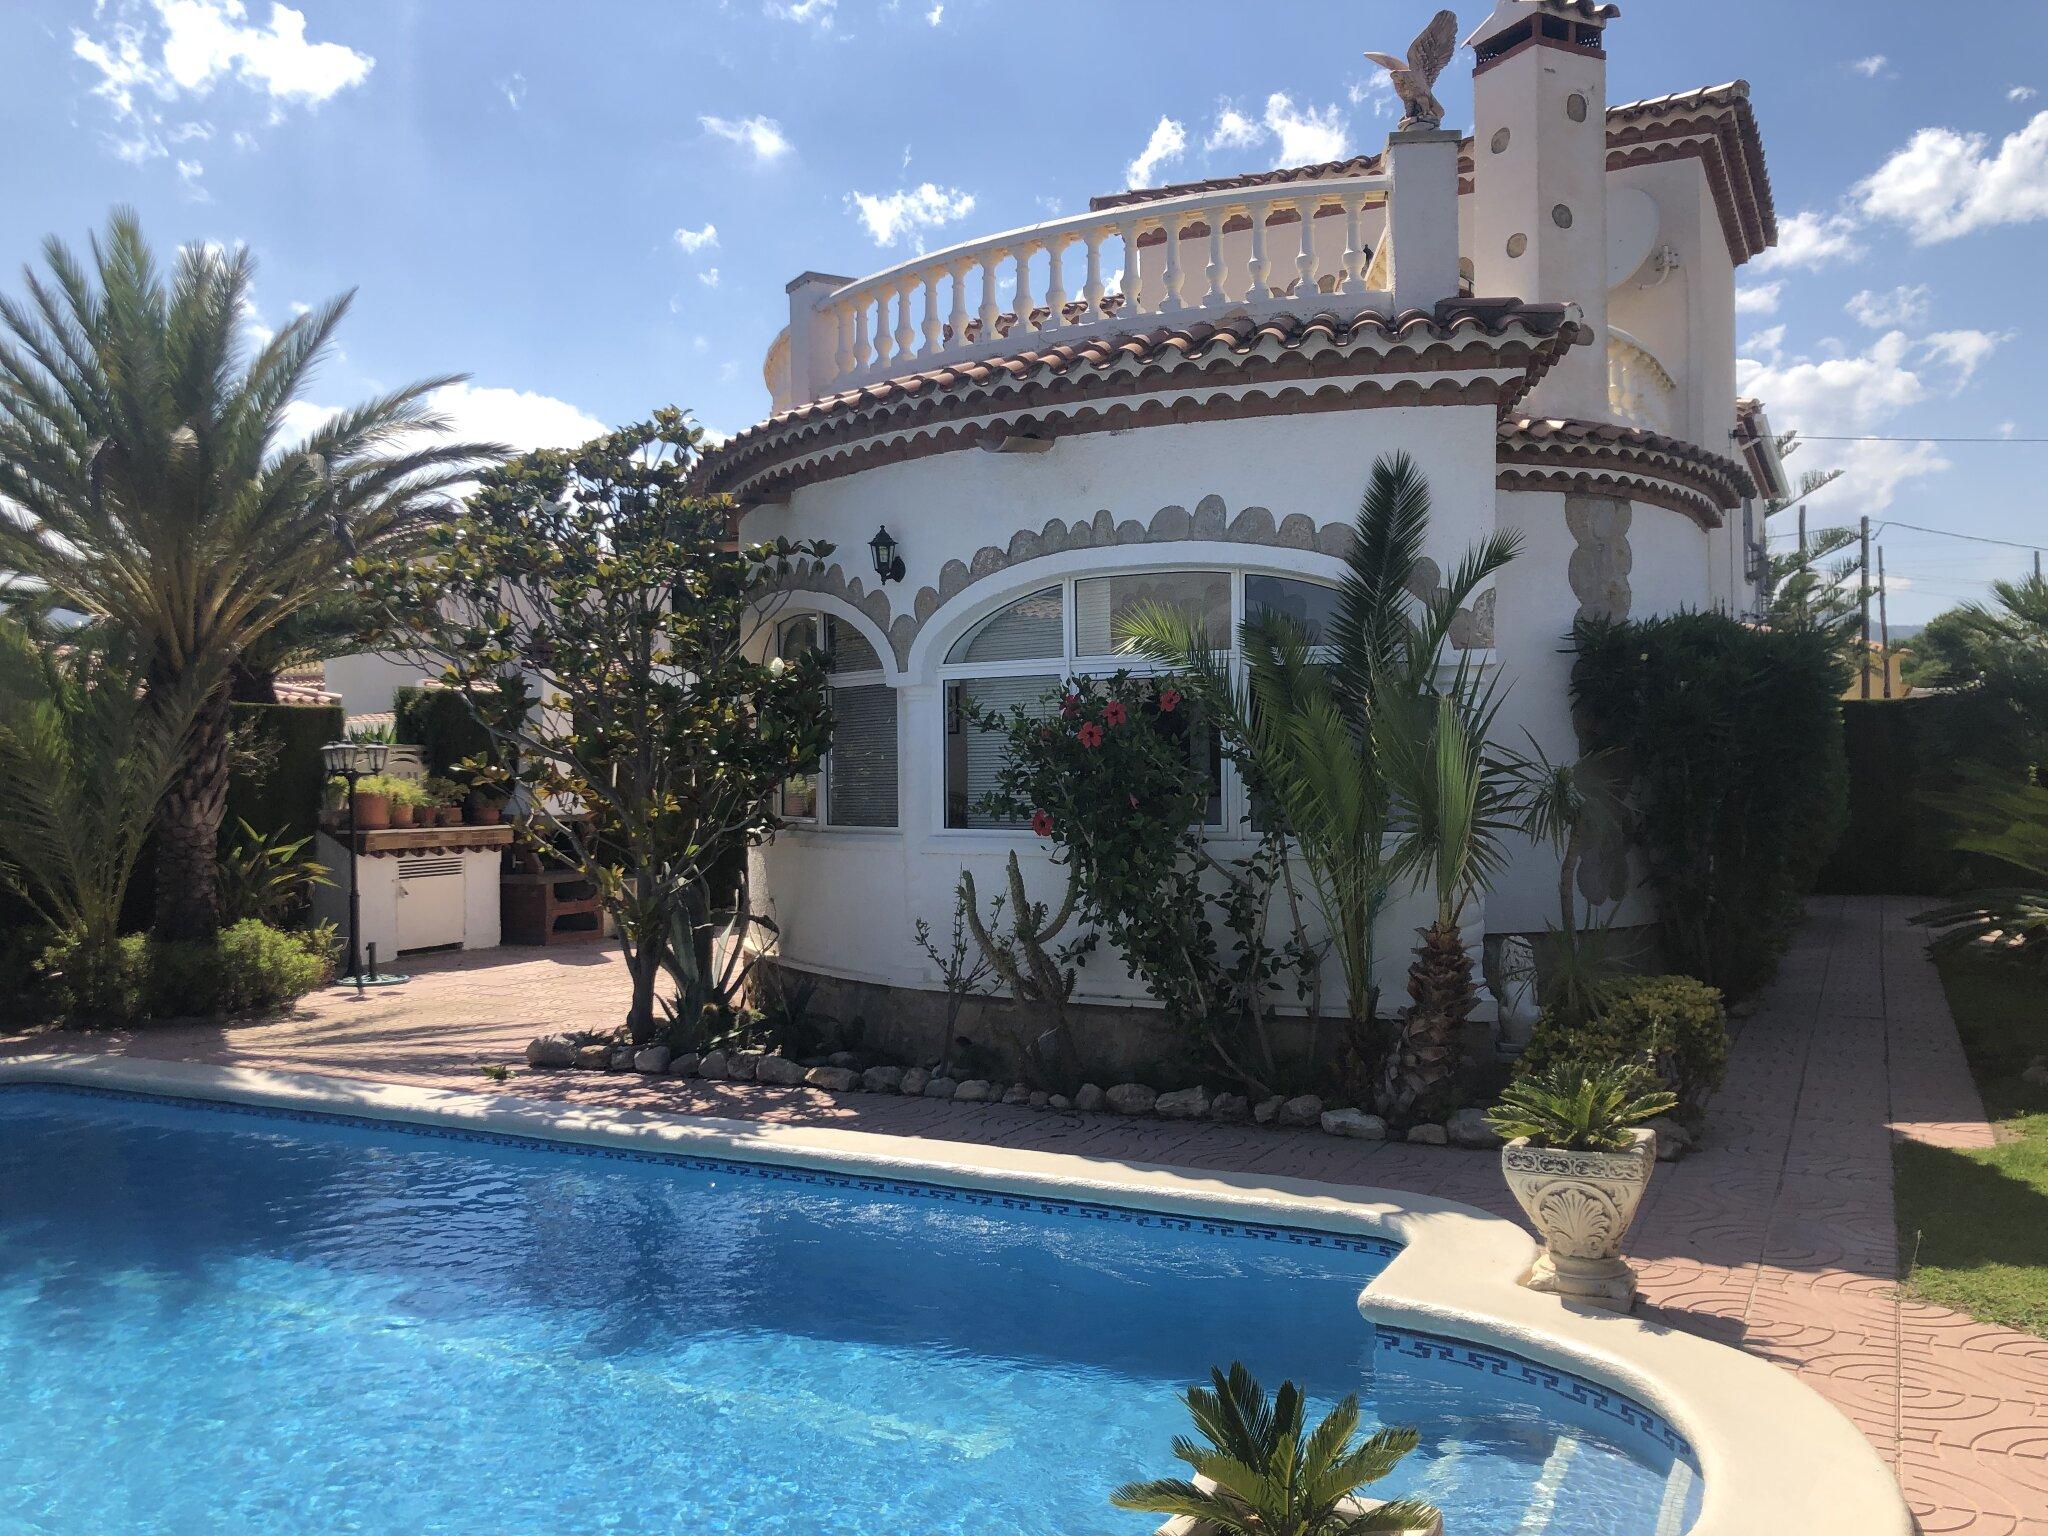 Haus mit Terrassenansicht